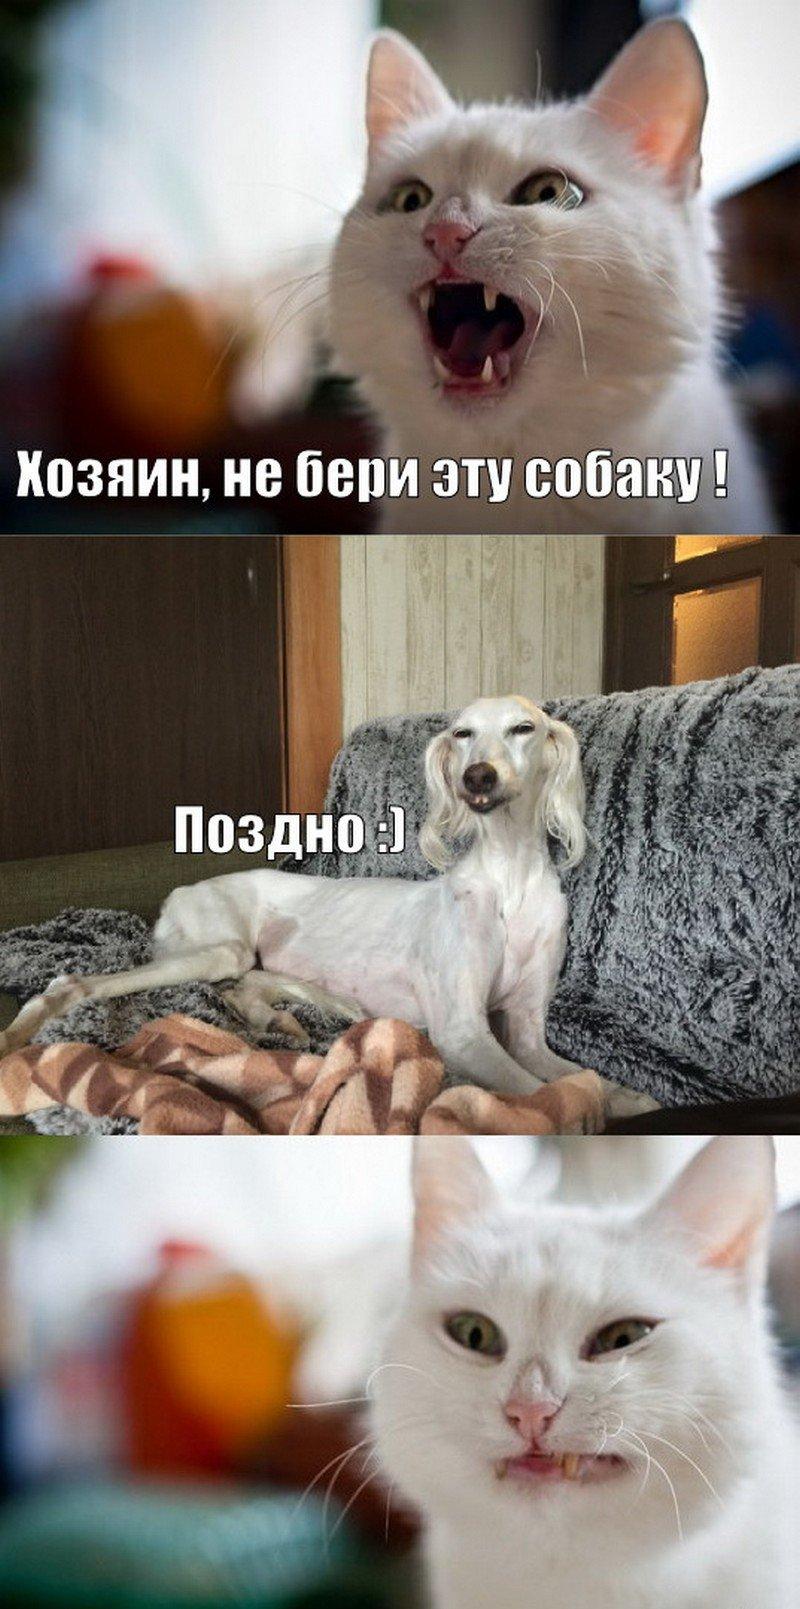 Всем добра)) веселые картинки,приколы,юмор